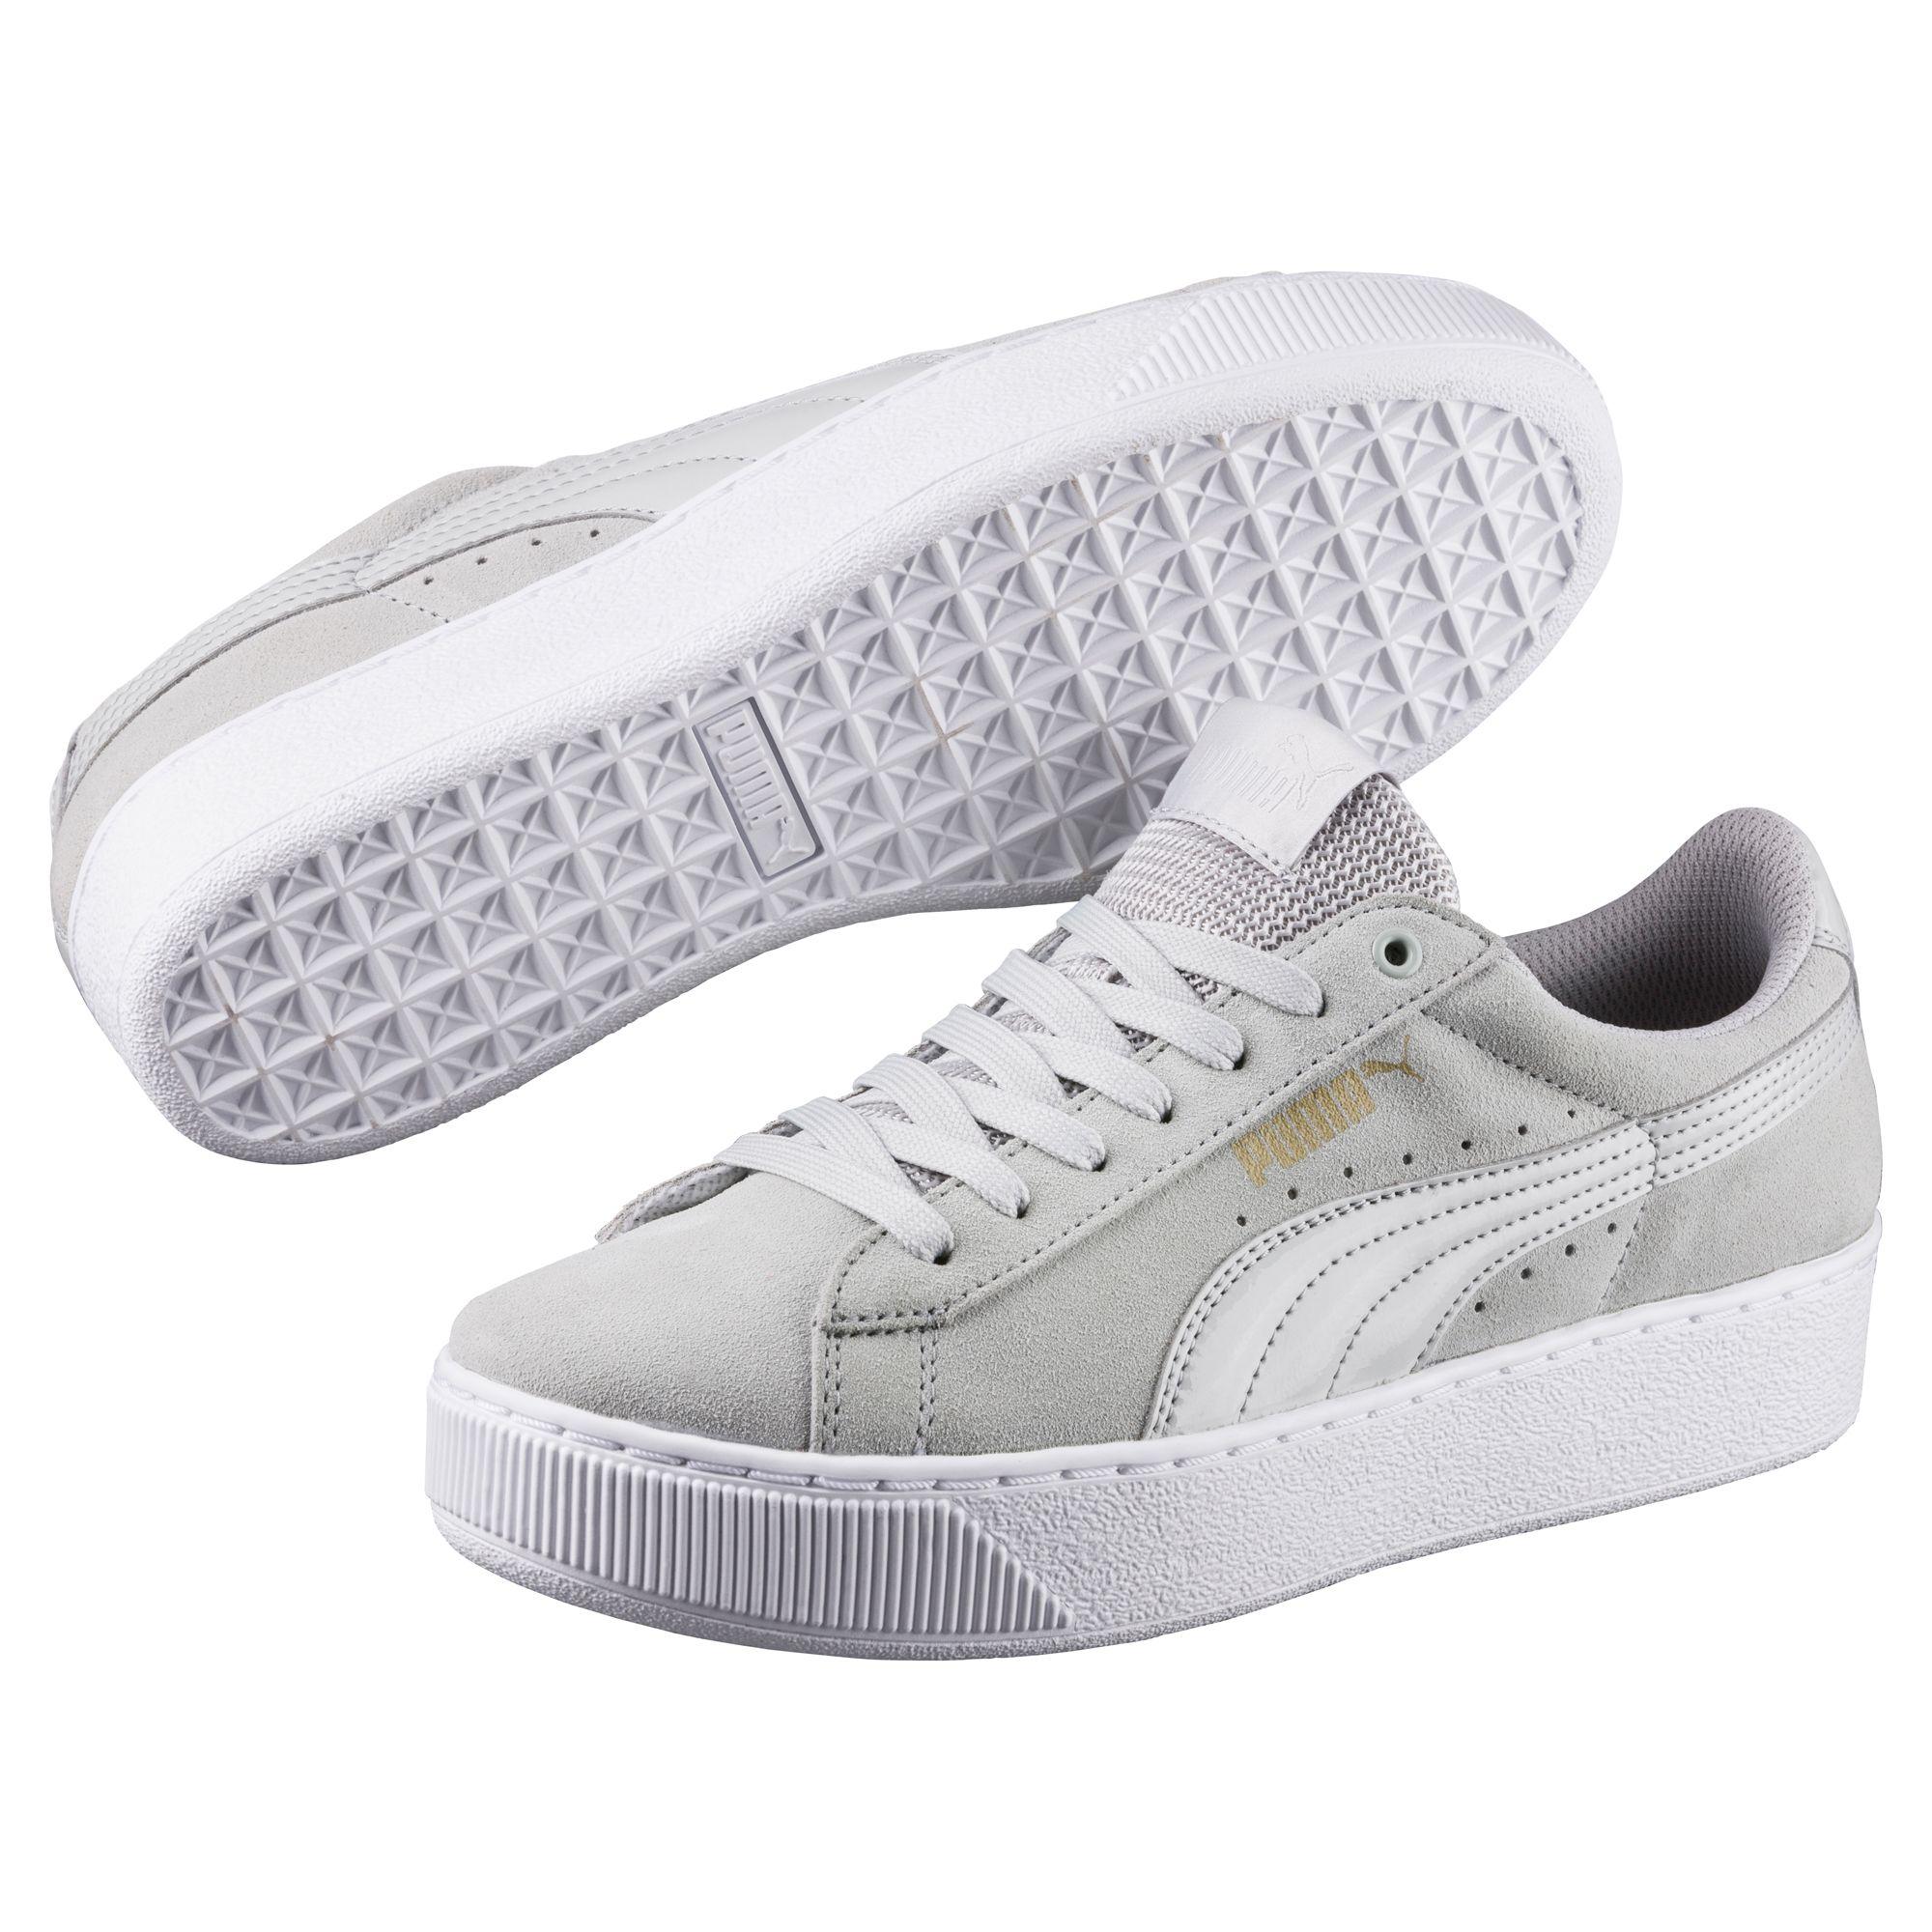 bc85e768626538 PUMA Vikky Platform Damen Sneaker Basics Schuhe Frauen Neu